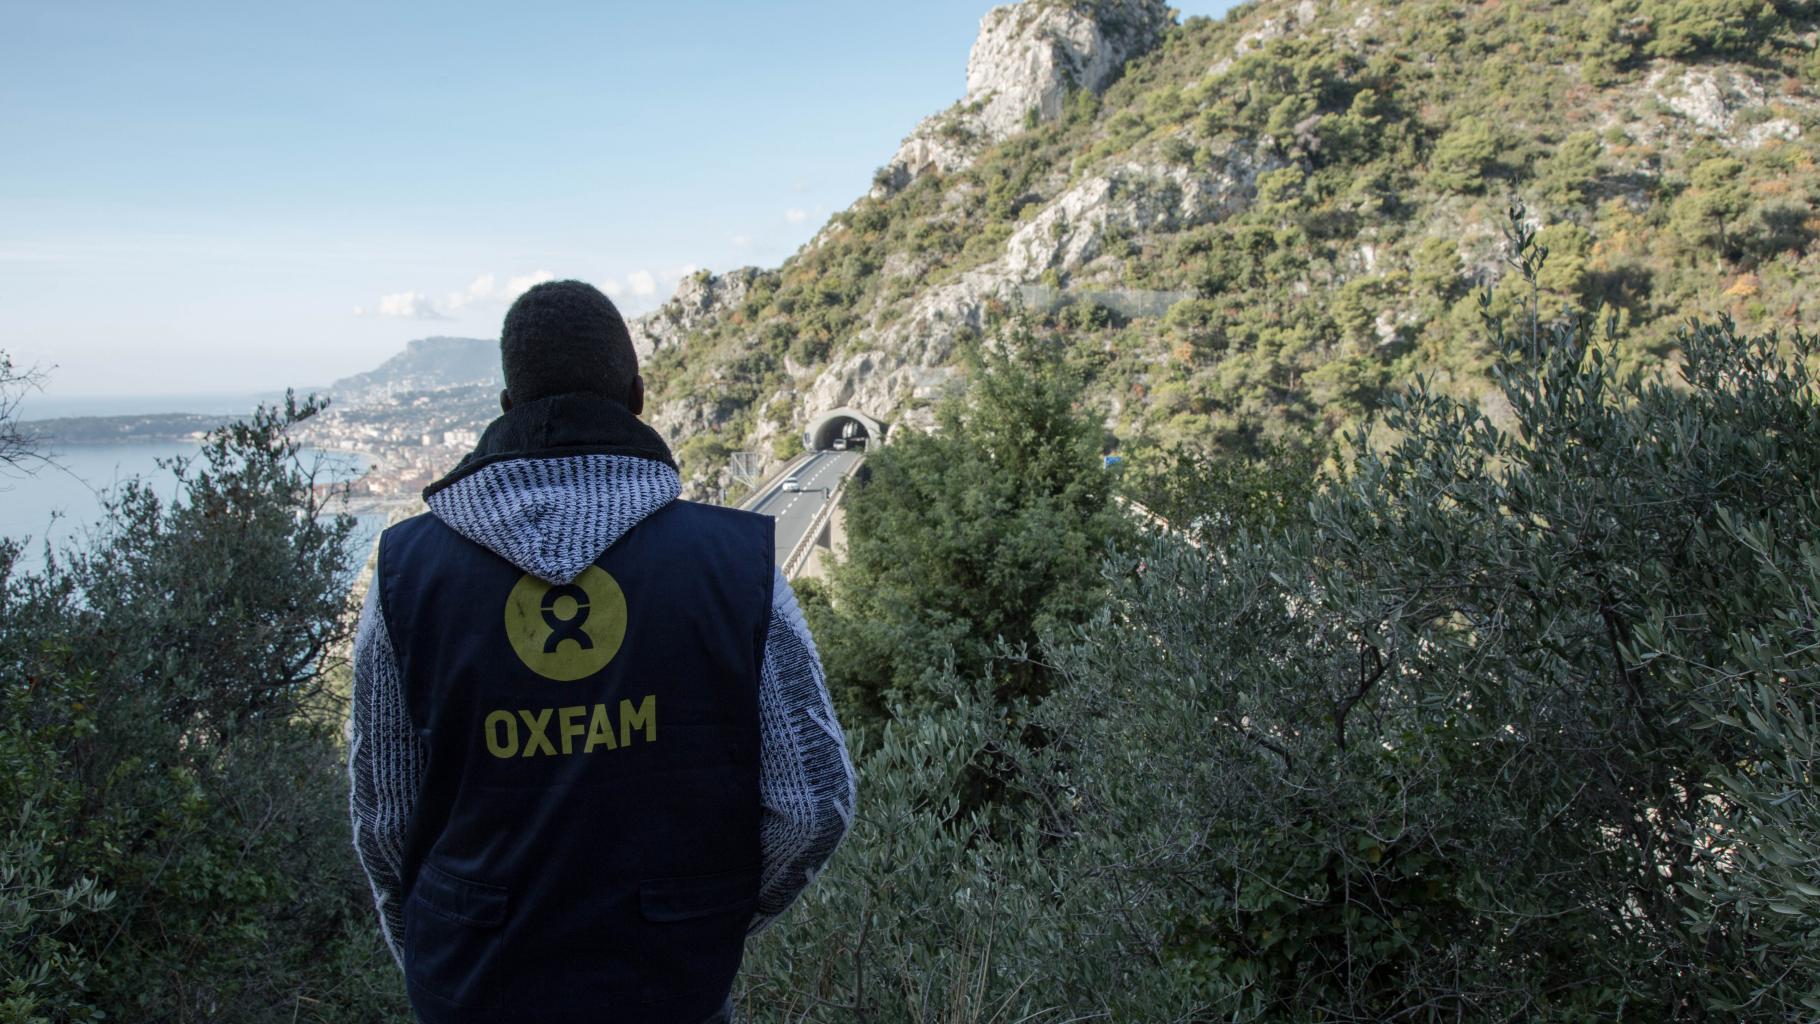 Oxfam-Mitarbeiter Adoum Ismail steht an der Grenze zu Frankreich und Italien und betrachtet eine Autobahnbrücke..